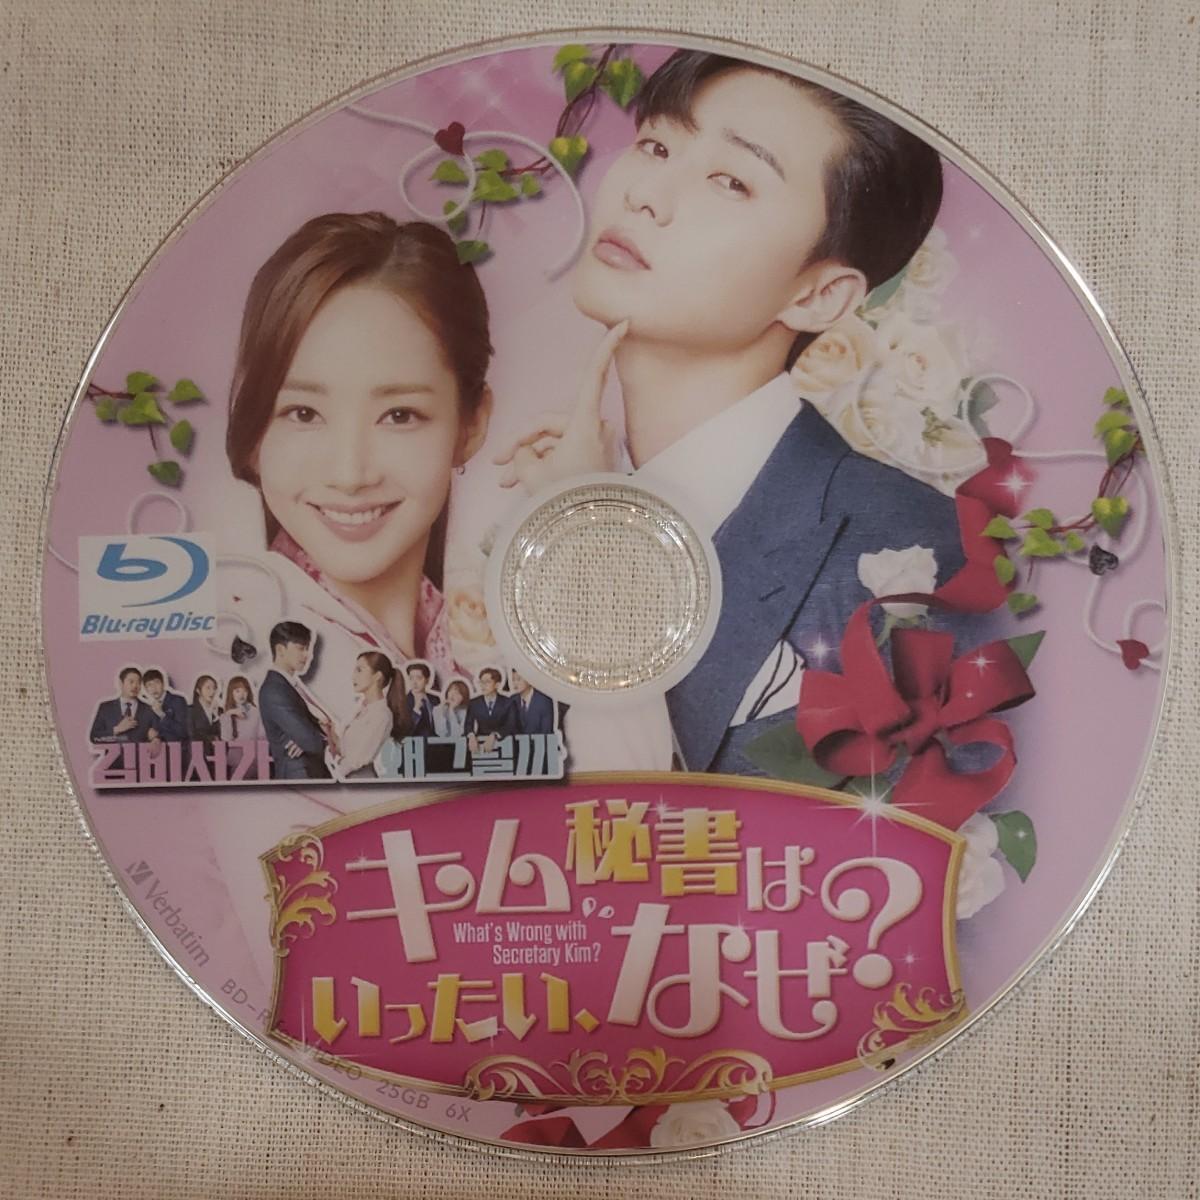 ☆韓国ドラマ☆《キム秘書はいったいなぜ?》《キム秘書がなぜそうか?》Blu-ray版 全16話 レーベル印刷、日本語字幕